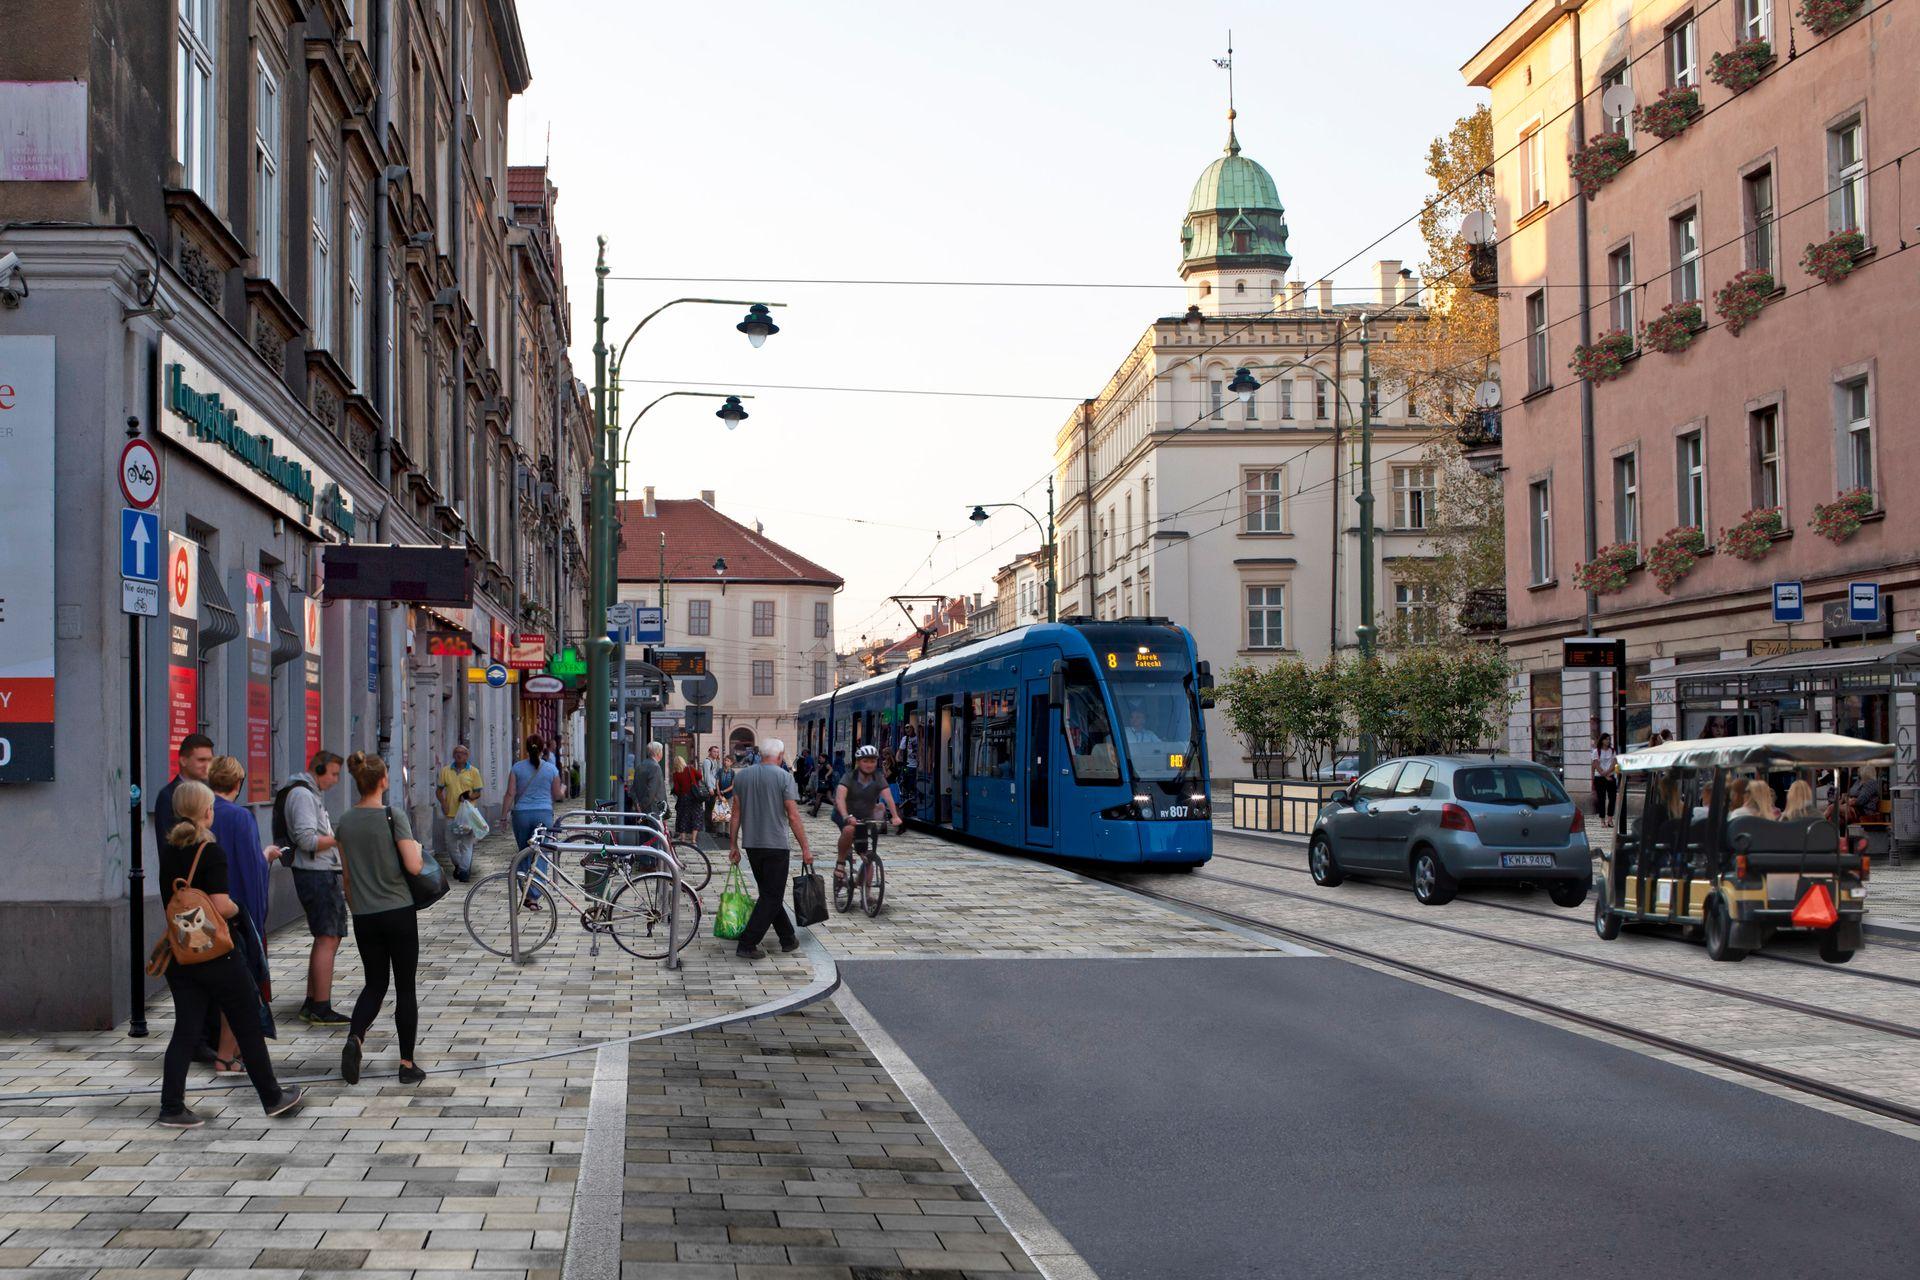 Kraków: Bliski koniec remontu ul. Krakowskiej. W sierpniu otwarcie